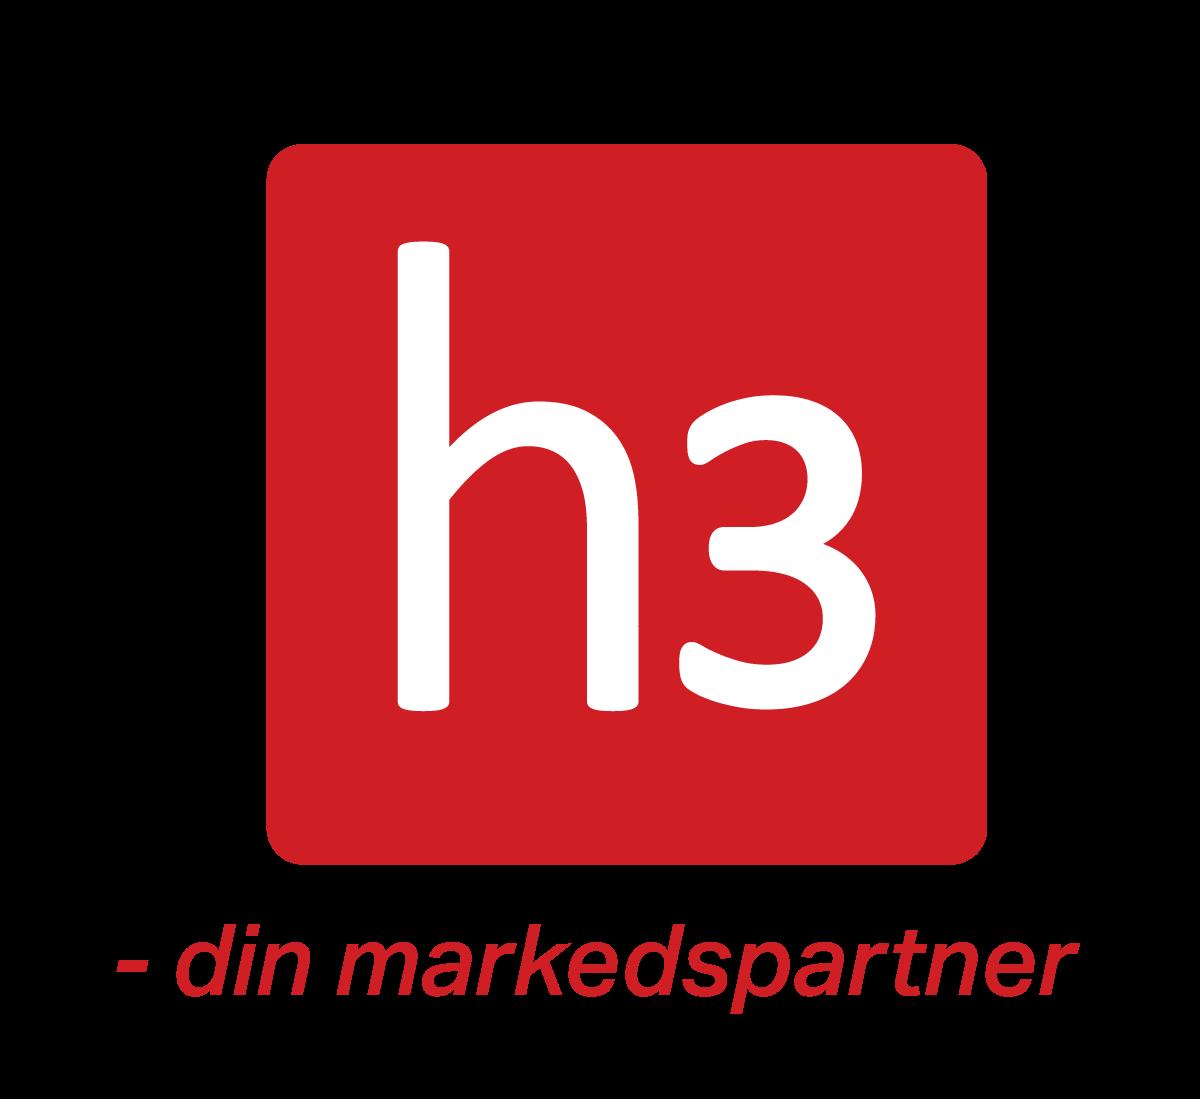 20180309_H3_logo_SKJERM_RBG.png